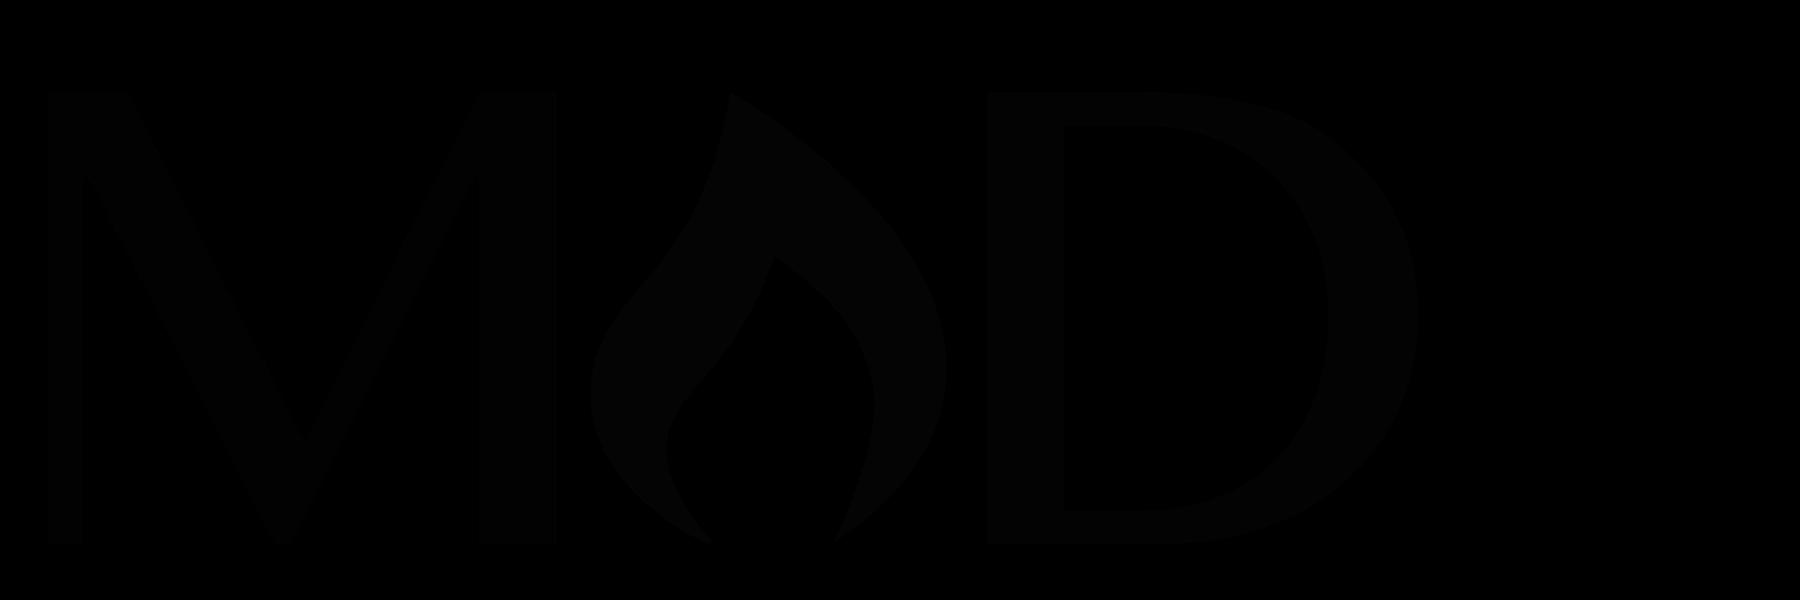 MADE Black Logo.png